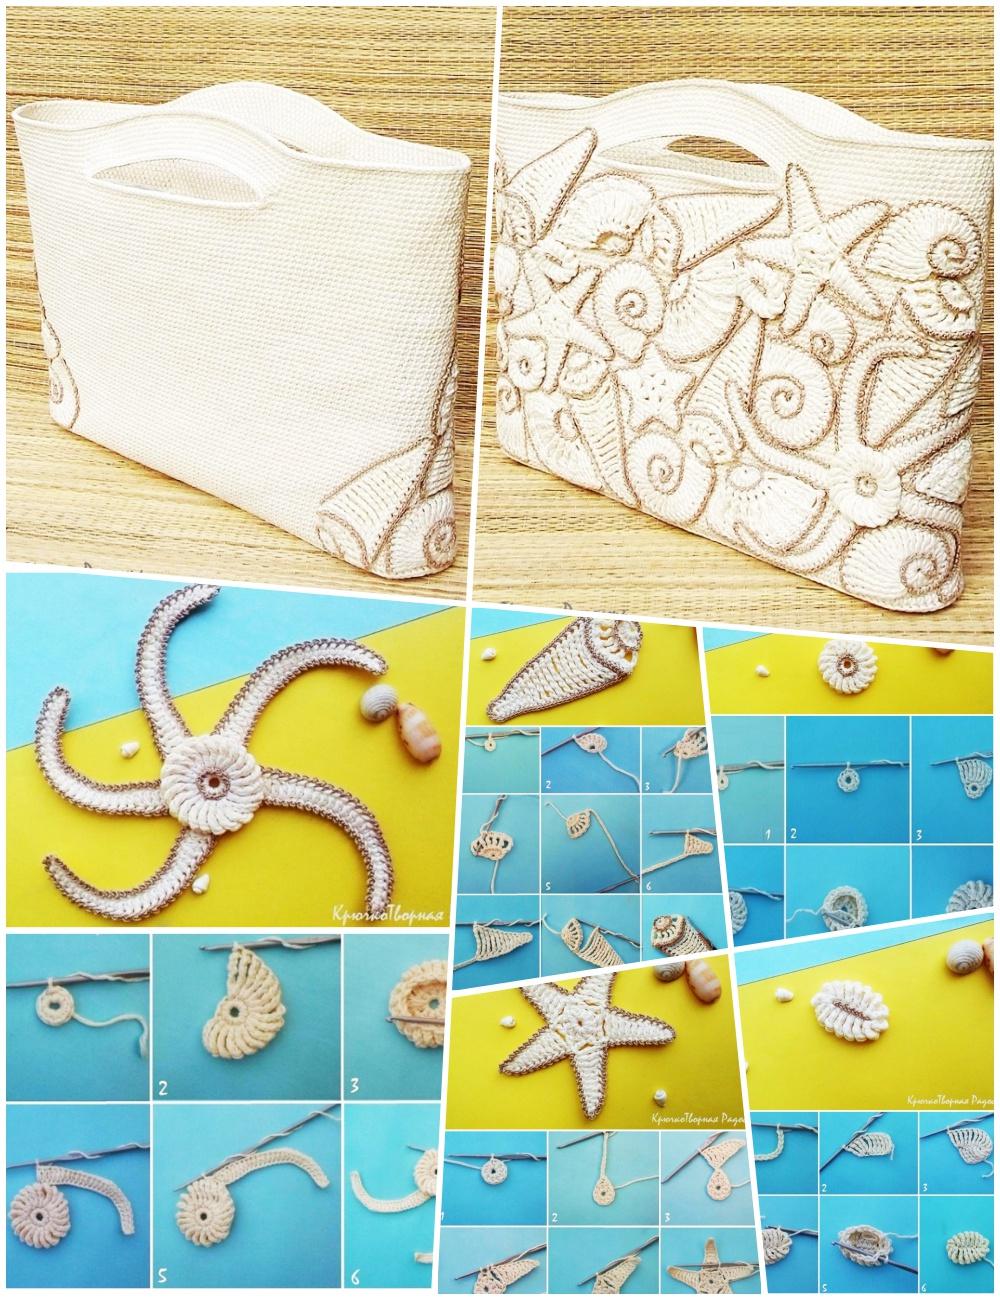 bolsos, bolsas, crochet, figuras marinas, motivos marinos, tutoriales